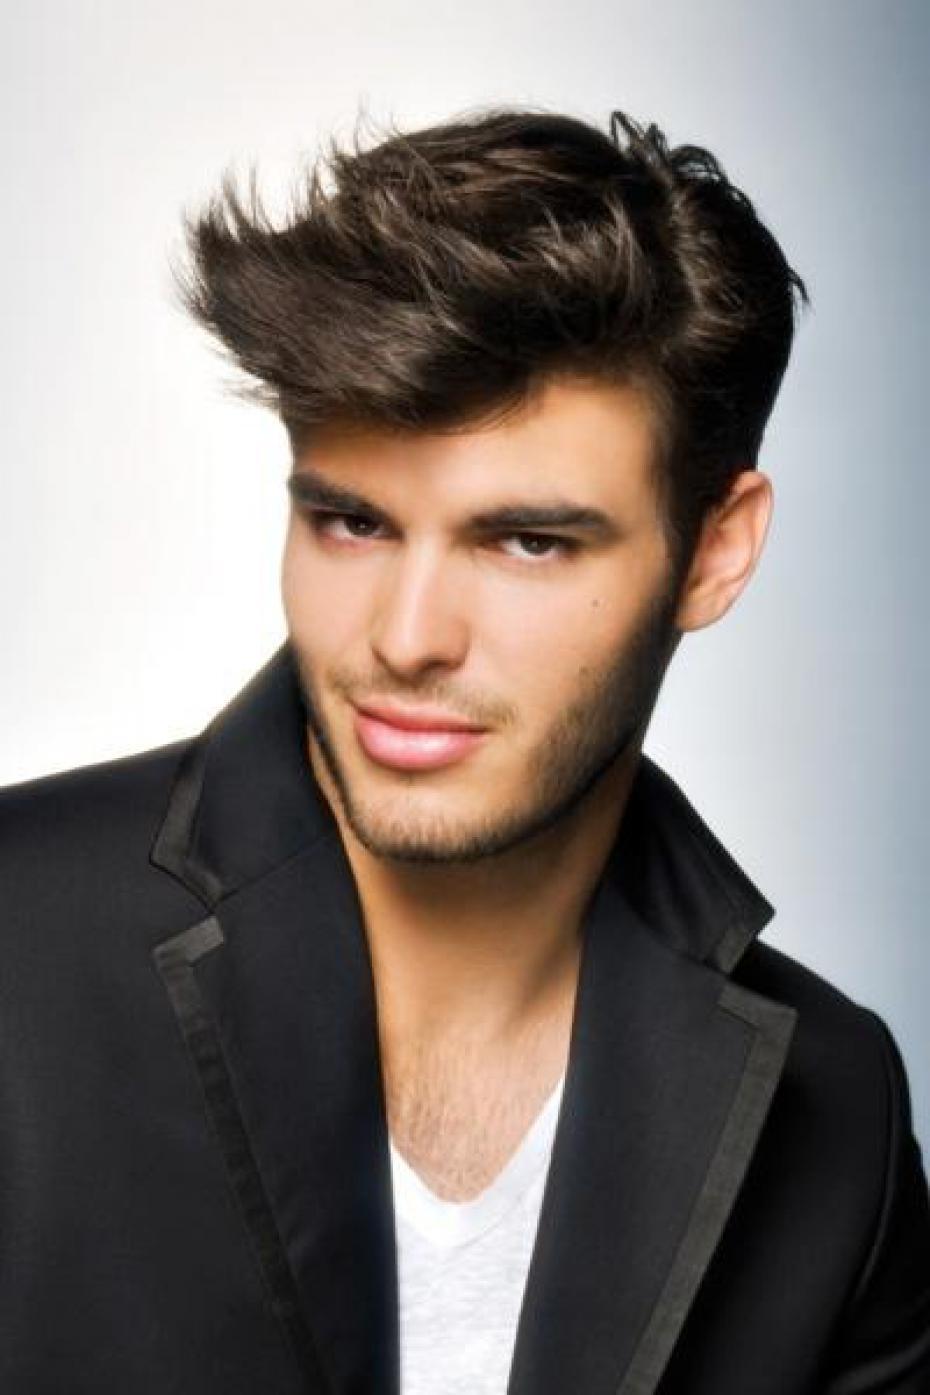 A Chaque Visage Sa Coiffure Ainsi Il Existe Une Coupe De Cheveux Homme Visage Rond